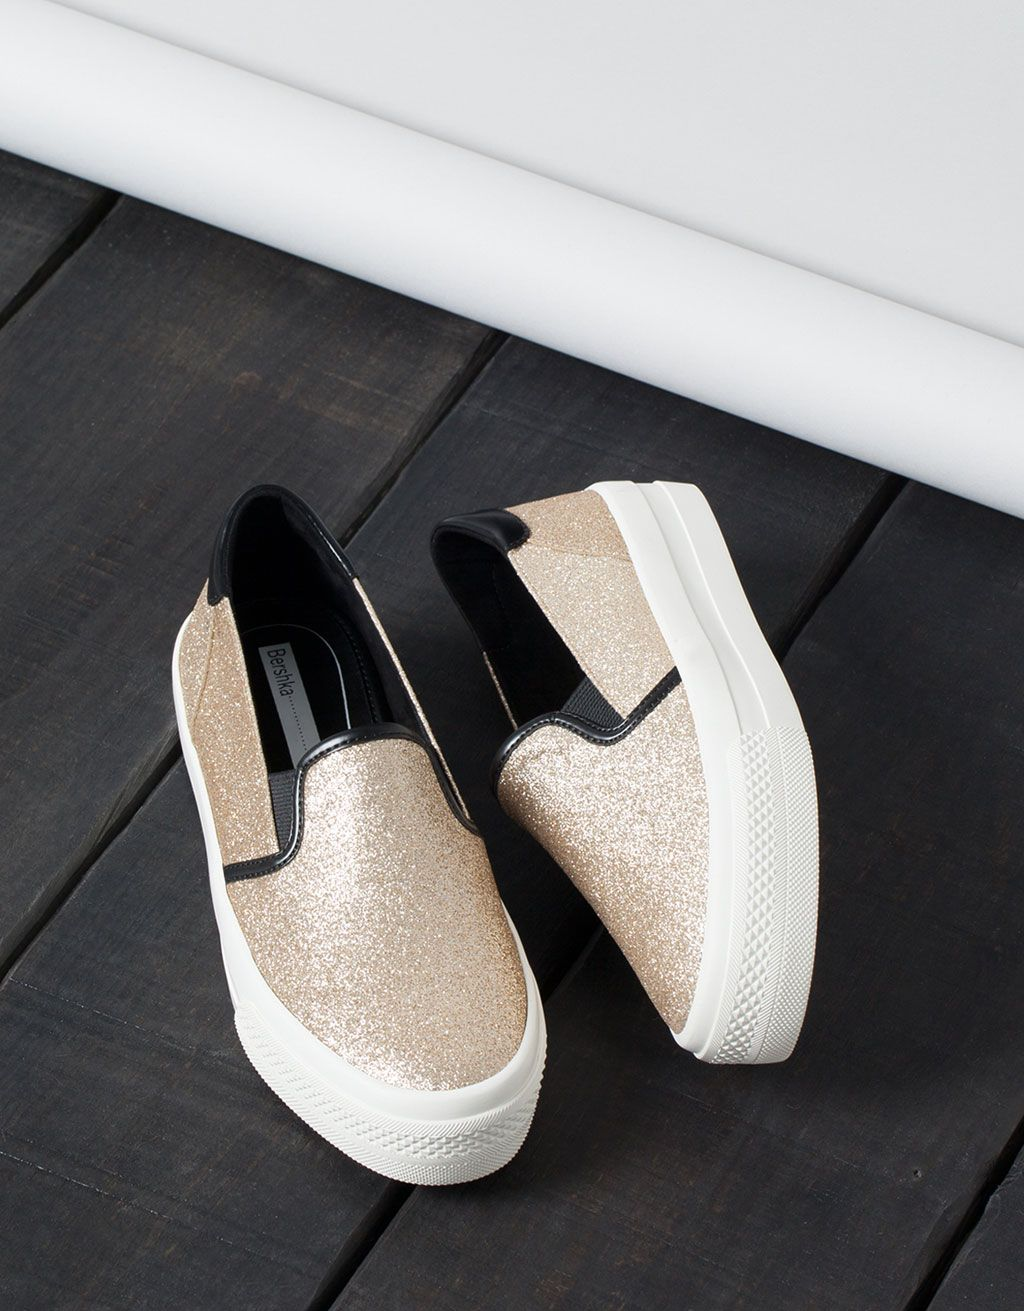 online retailer 705d8 9cd44 Bamba Brillo Sin Cordones Bershka - Zapatos - Bershka España